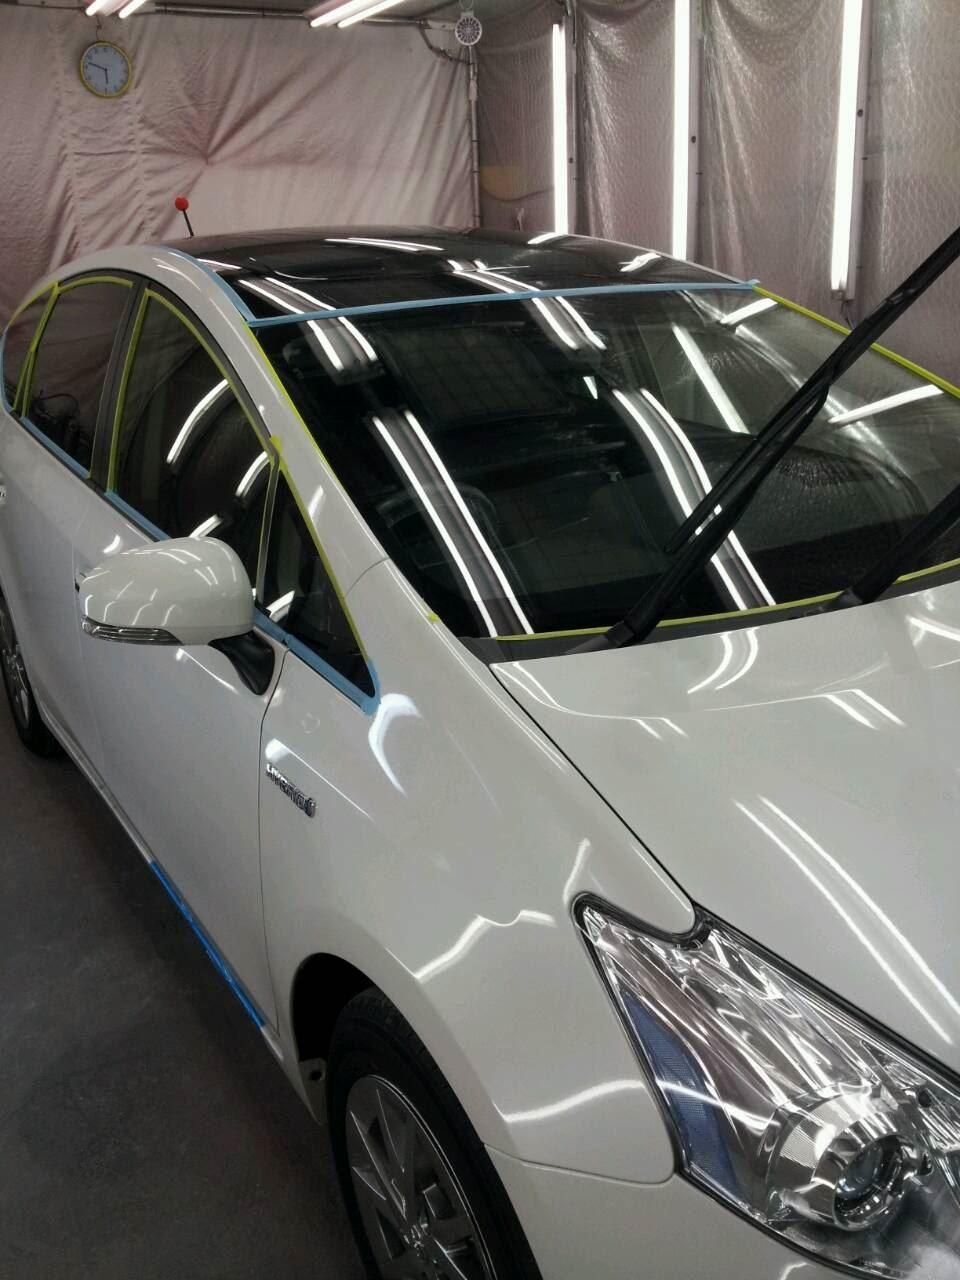 東京都立川市の車の板金塗装修理工場 ガレージローライドのトヨタ プリウスの新車のボディー磨き&ジーゾックスリアルガラスコート艶プラス です。